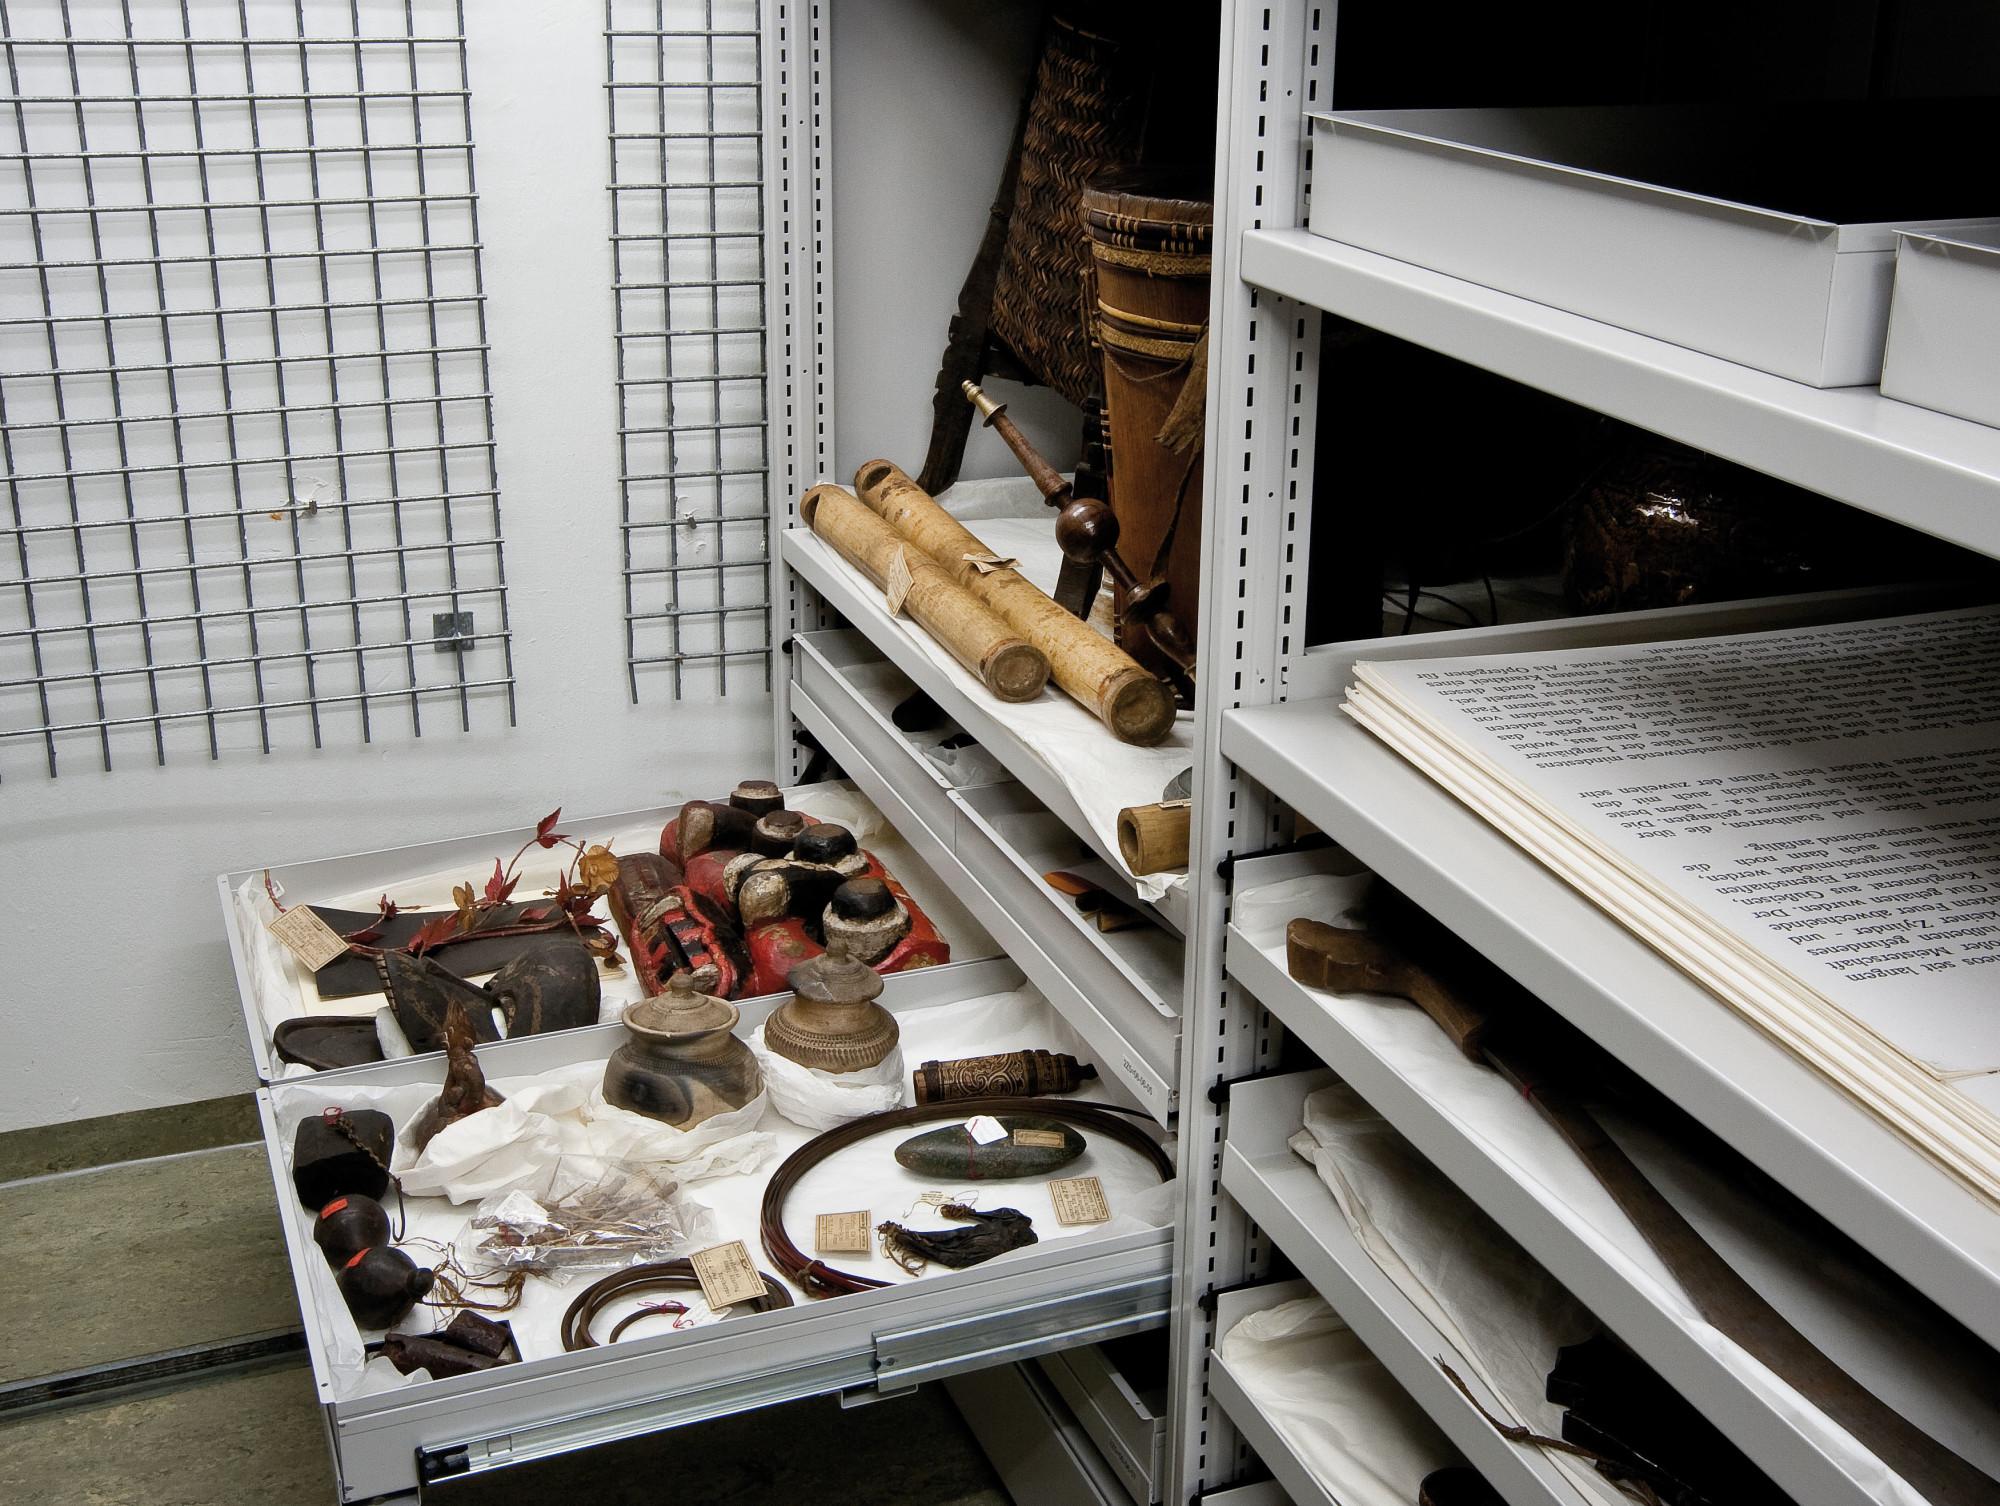 Ethnographische Sammlung › Friedrich-Alexander-Universität Erlangen-Nürnberg